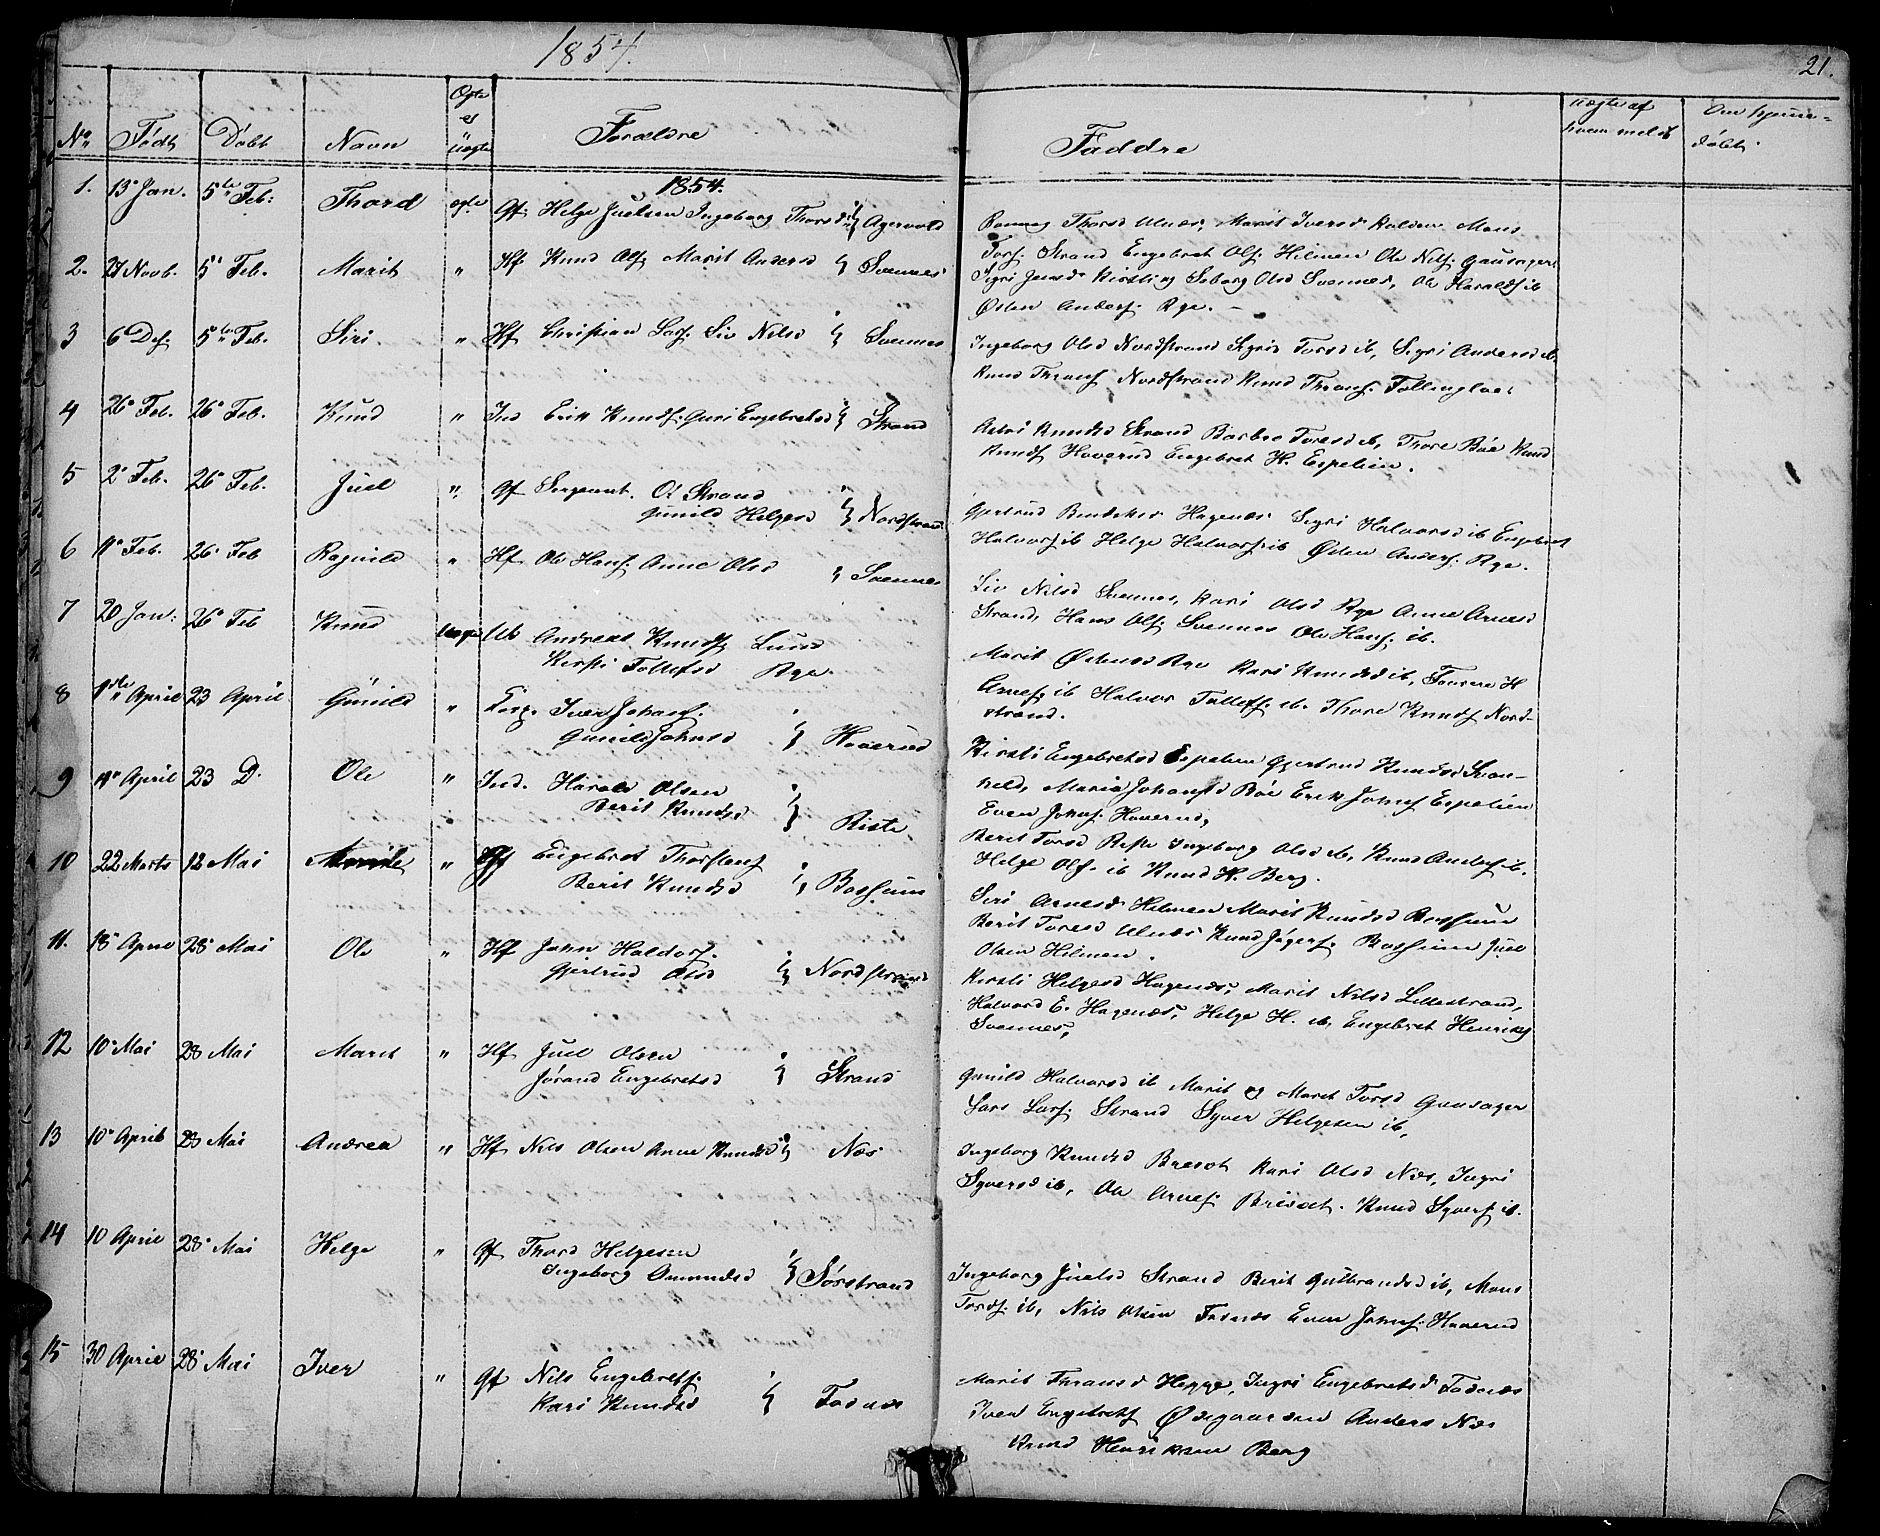 SAH, Nord-Aurdal prestekontor, Klokkerbok nr. 3, 1842-1882, s. 21